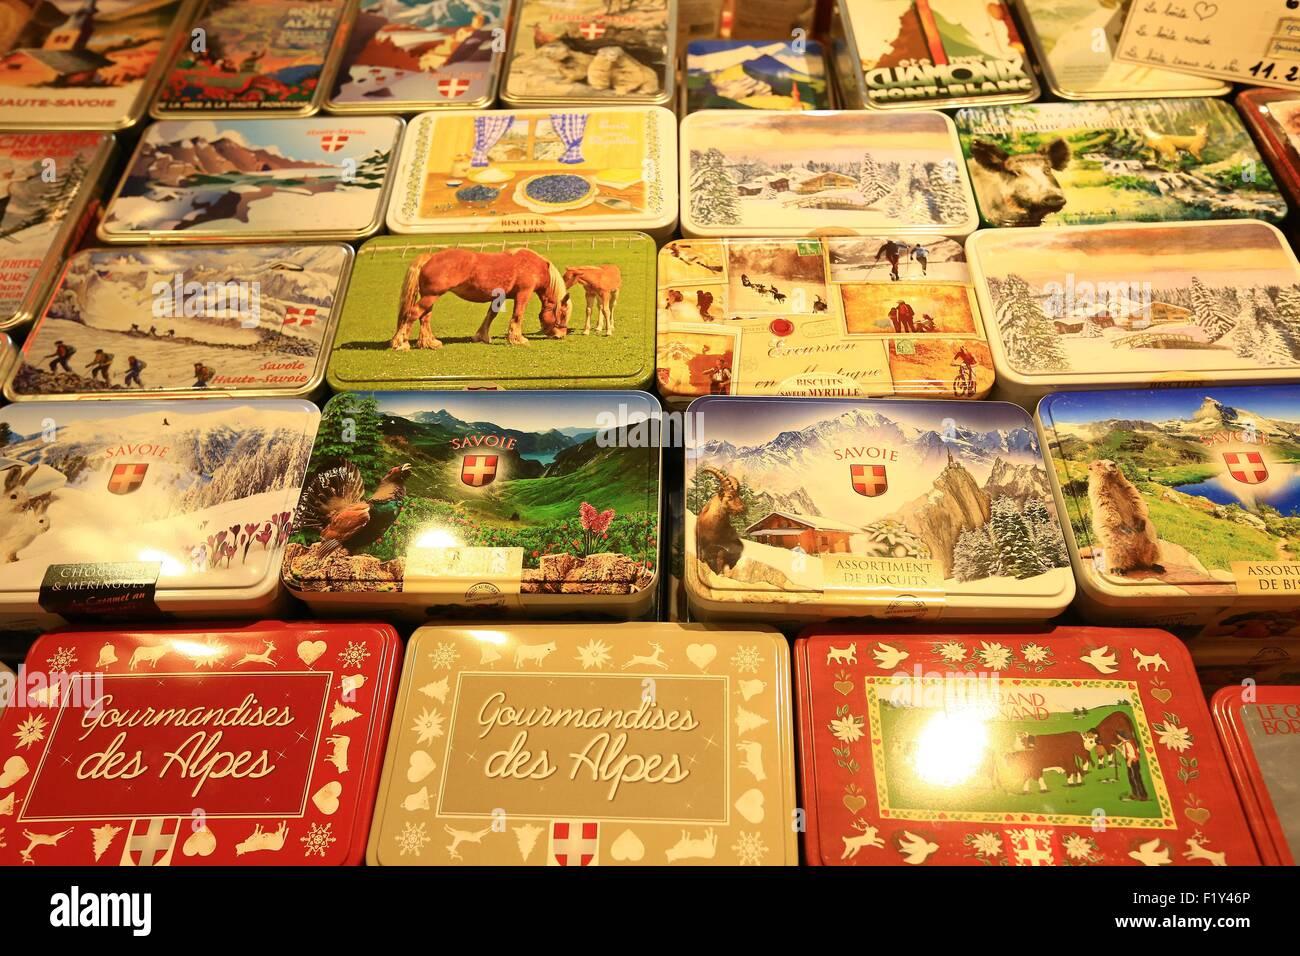 France, Haute Savoie, Le Grand Bornand, Two Guides, delicatessen - Stock Image